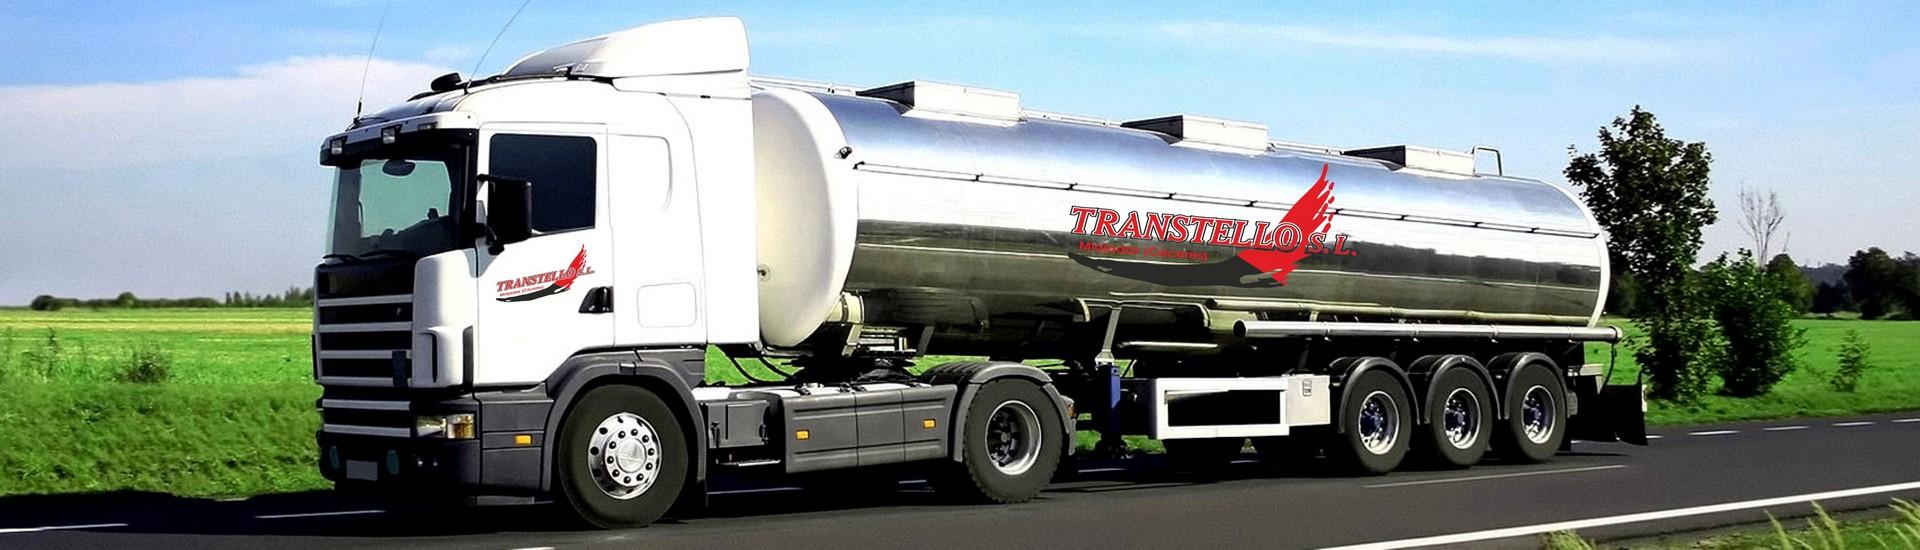 Banner-transtello-2